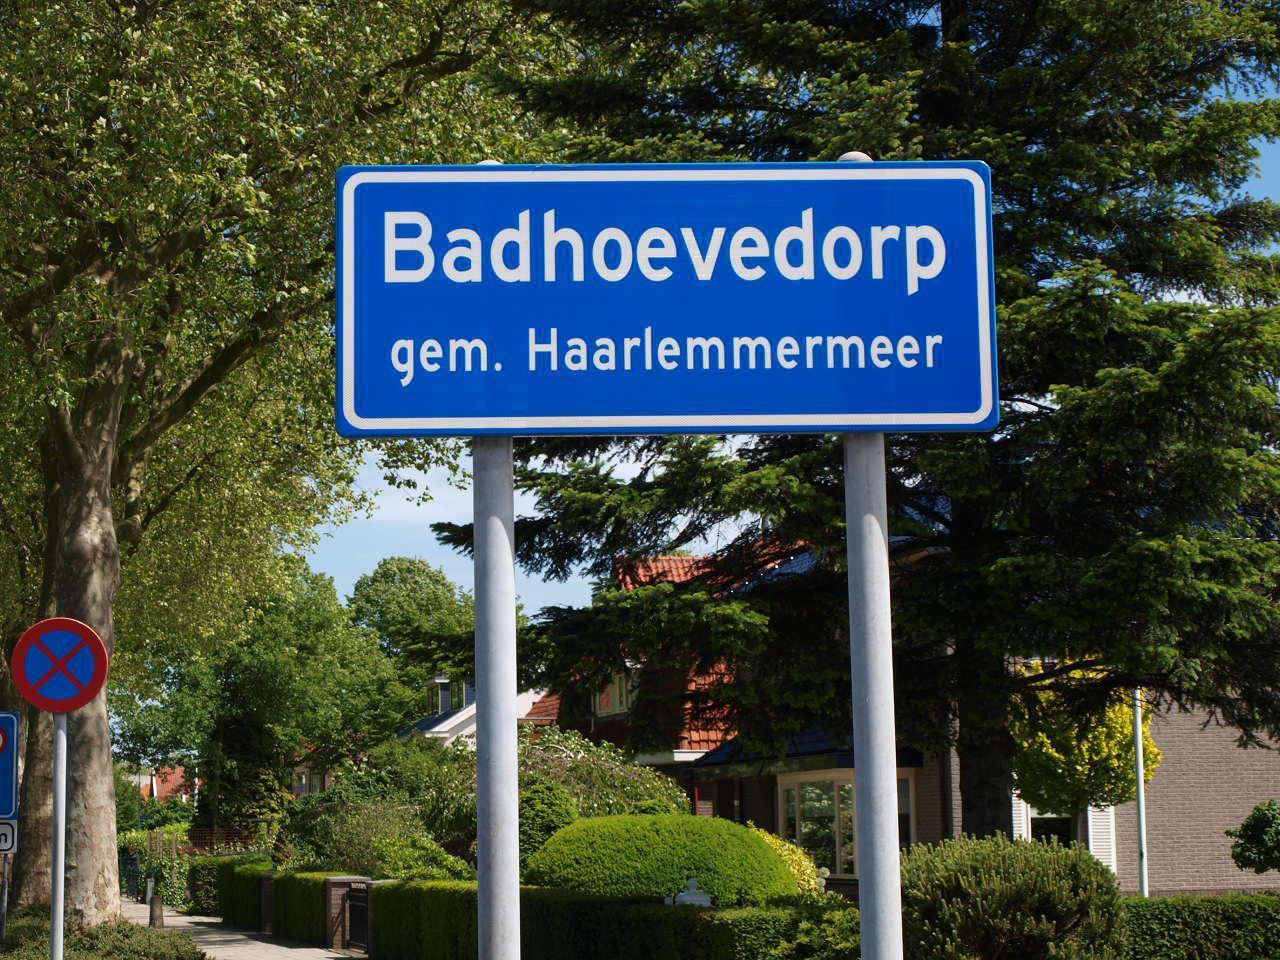 Appartementen aan Sloterweg in Badhoevedorp mogen er komen van Haarlemmermeer